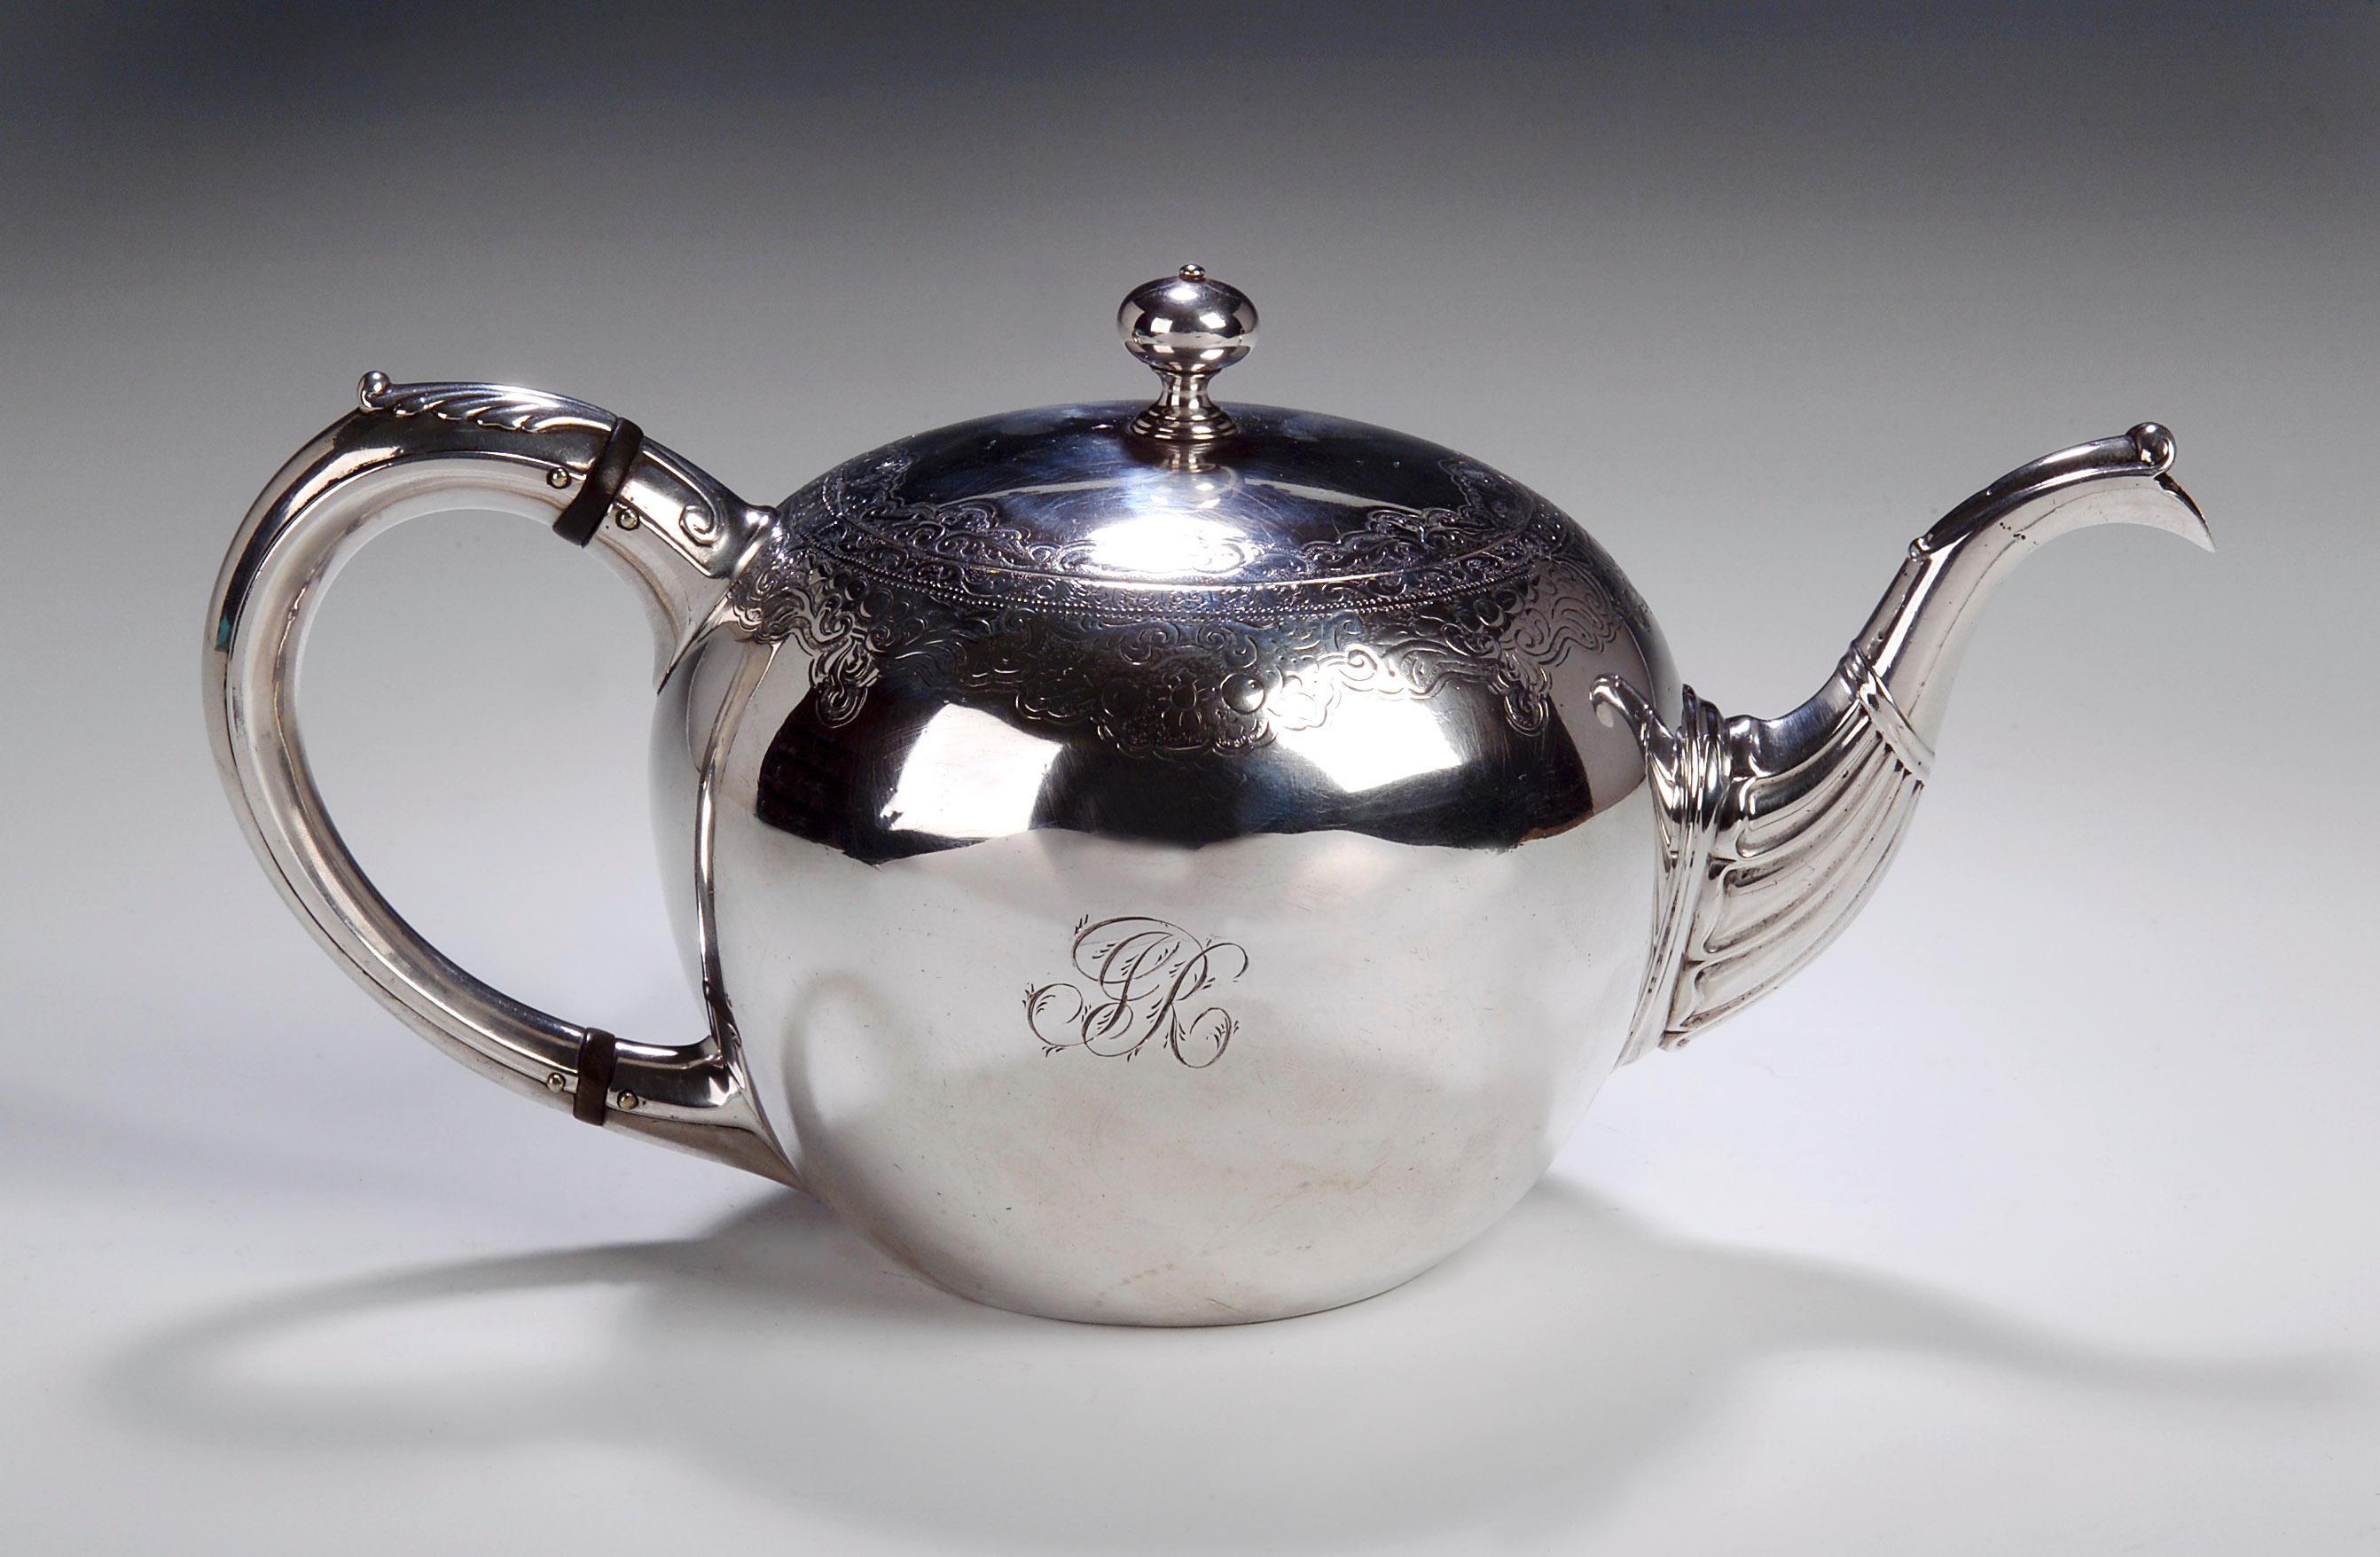 An unusual George II